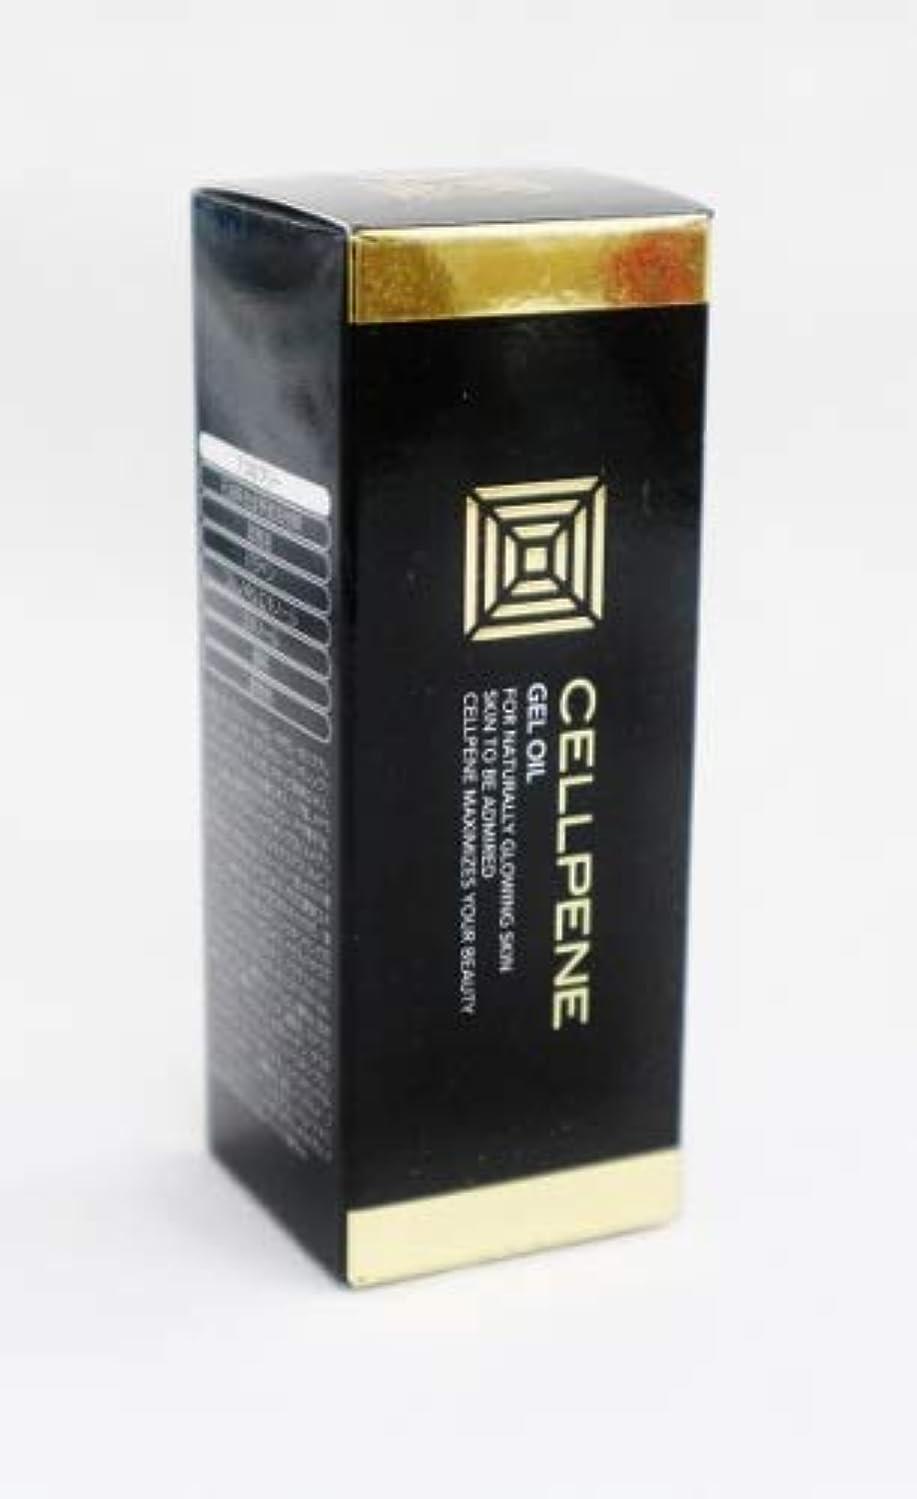 マカダム放棄されたひいきにするアトコントロール セルペネ ジェルオイル (オイル状 美容液) 12ml